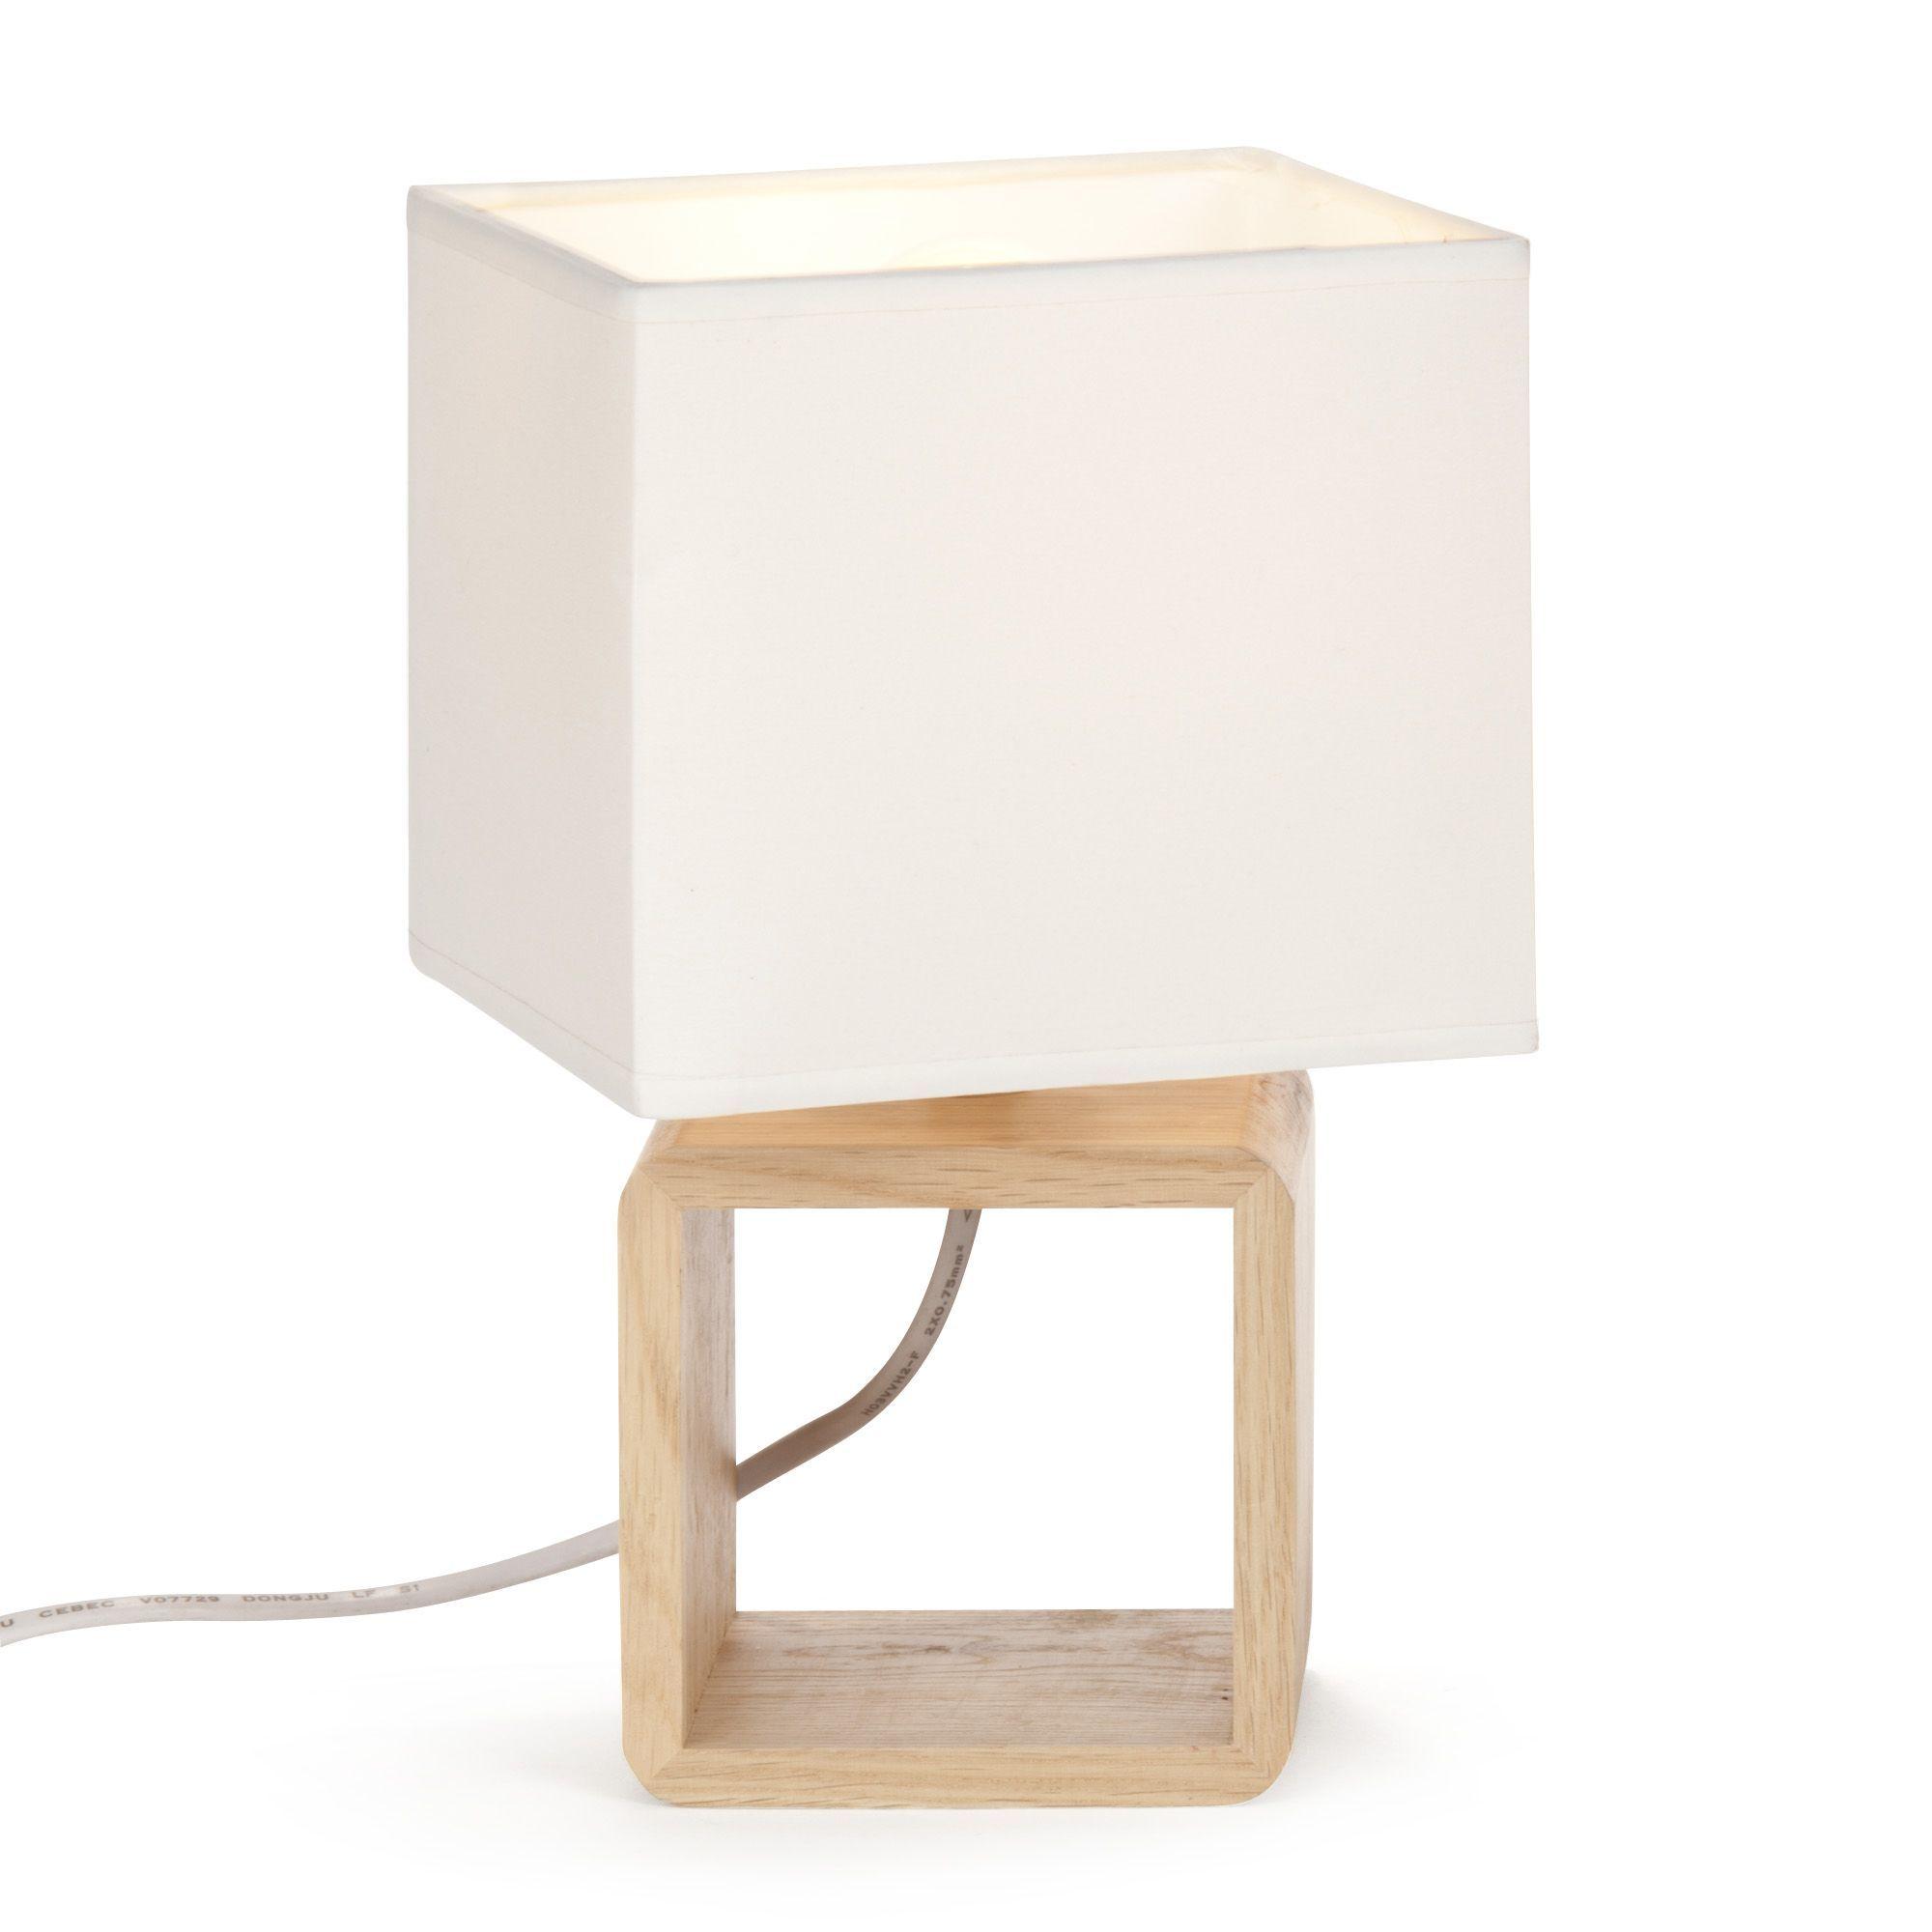 Lampe En Bois Avec Abat Jour Blanc Cubo Les Lampes A Poser